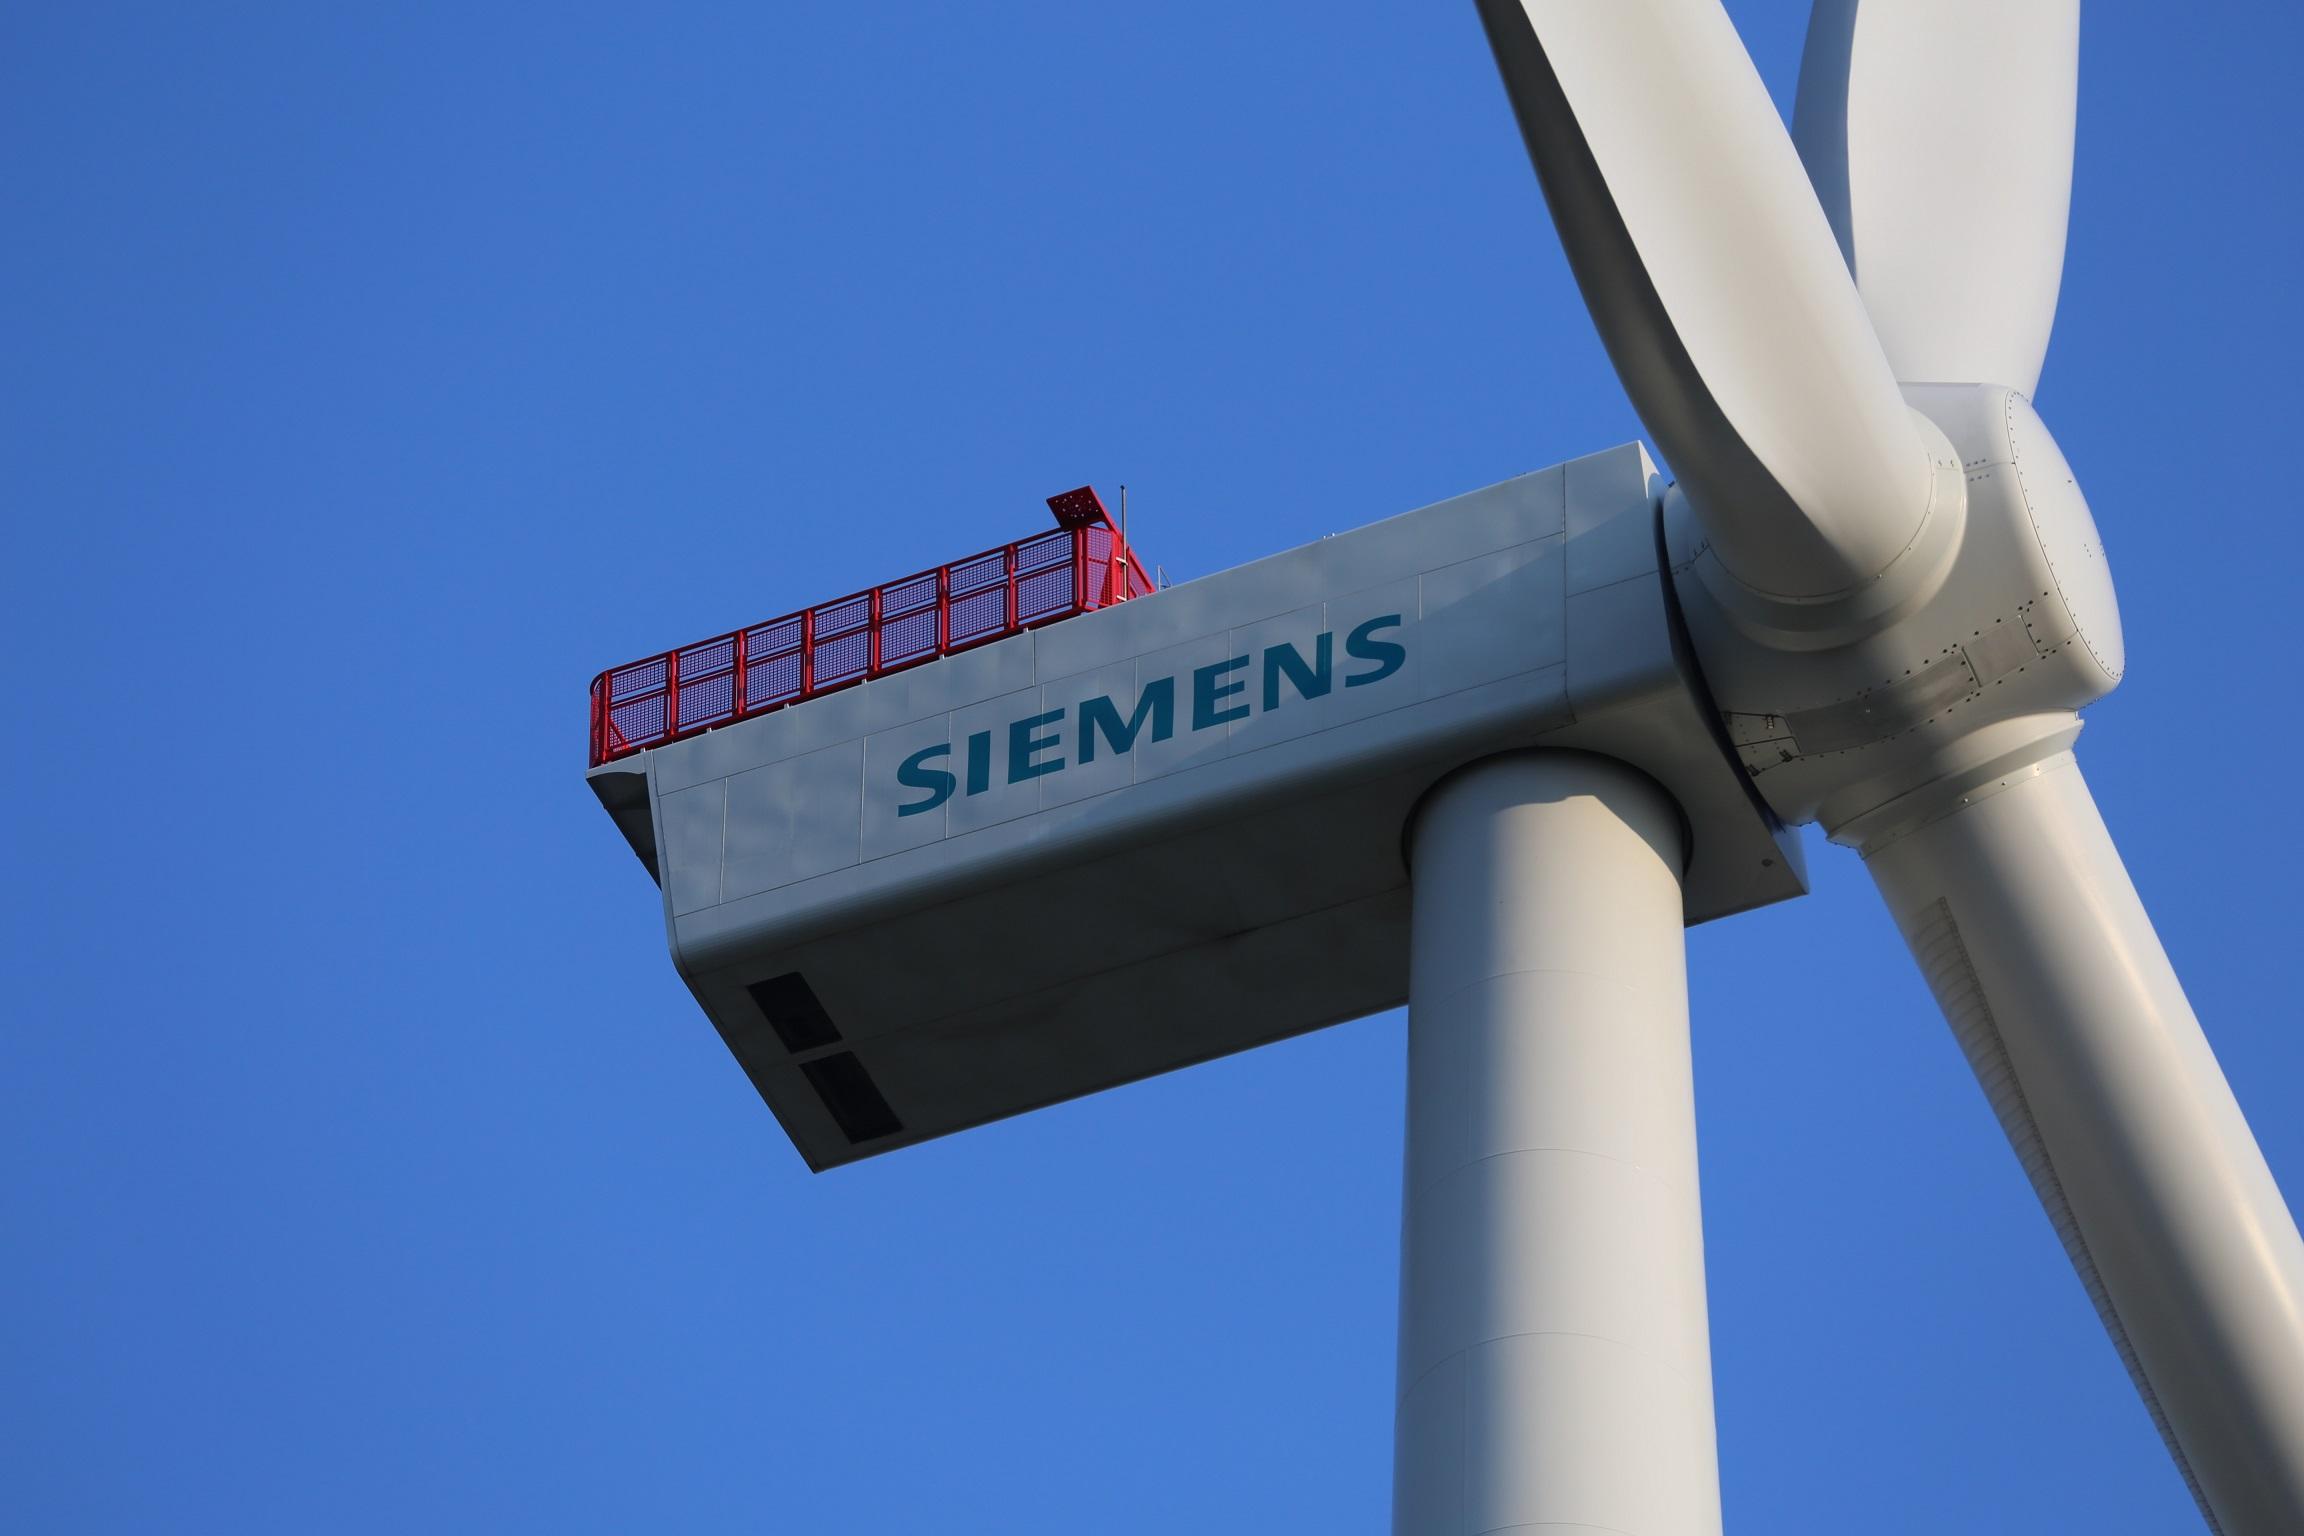 Siemens SWT-4.0-130 - 4,00 MW - Wind turbine